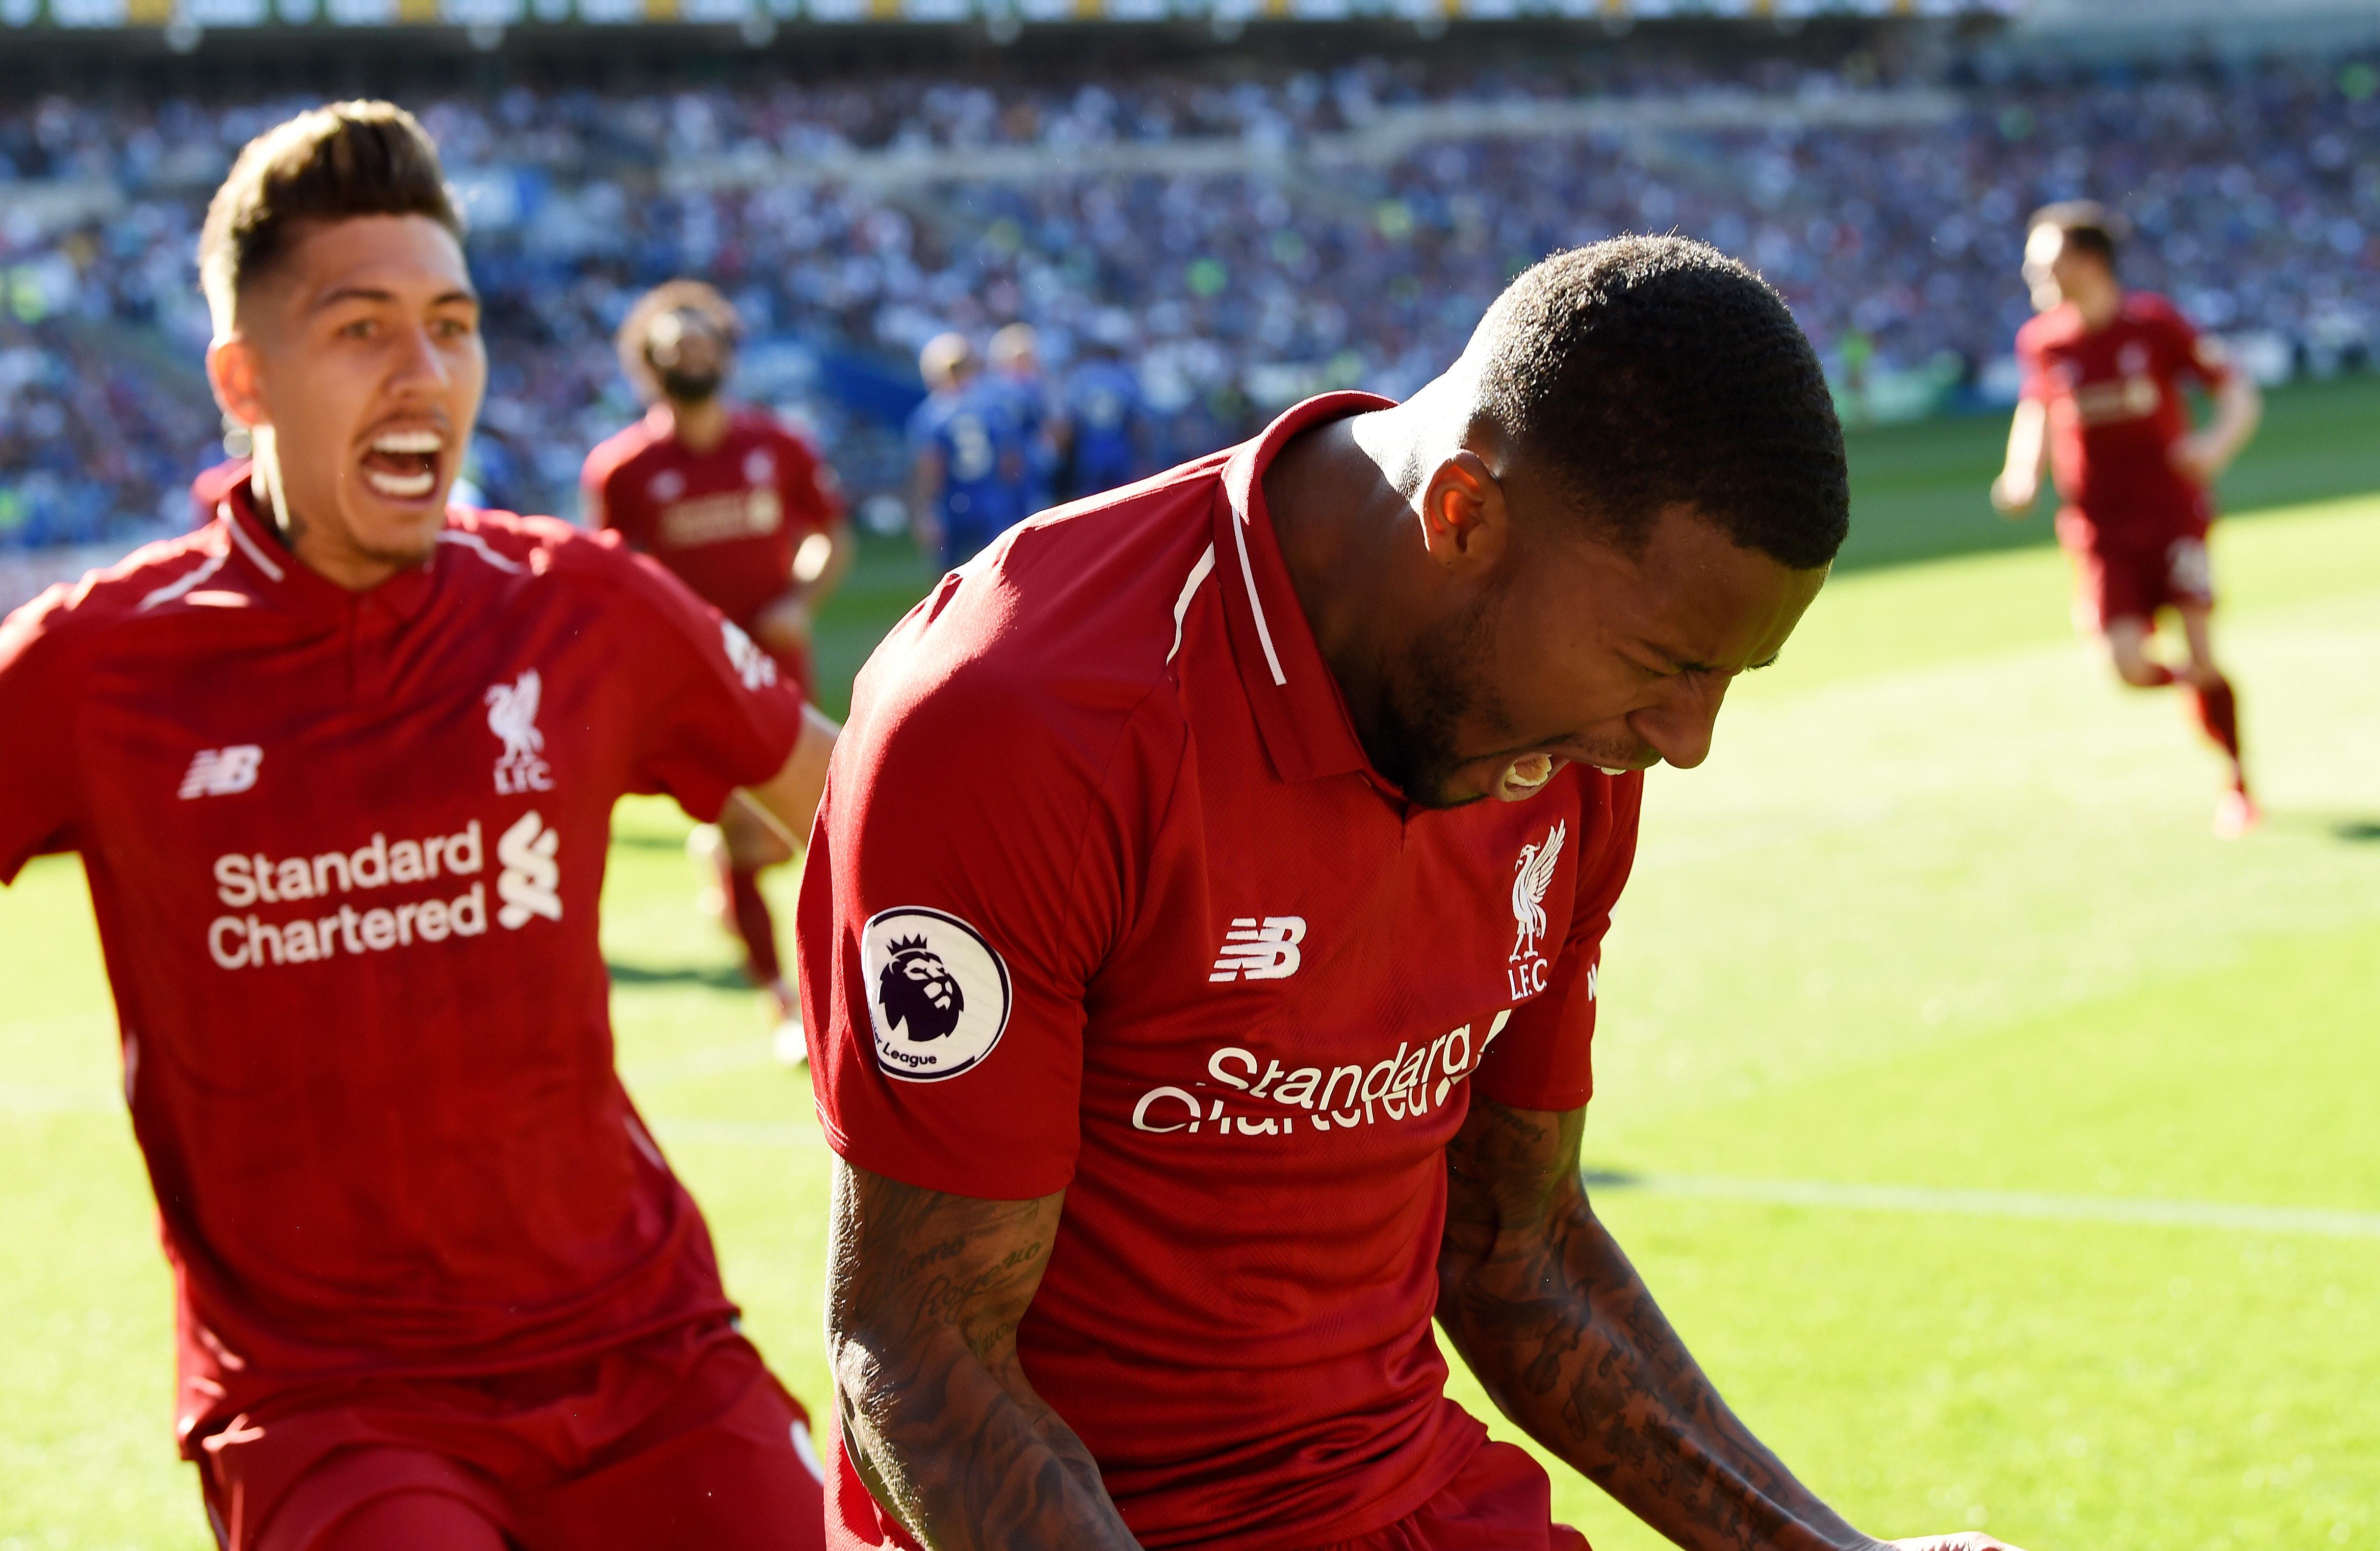 «Liverpool vil være tittelutfordrere fra nå av. Denne sesongen er bare starten.»